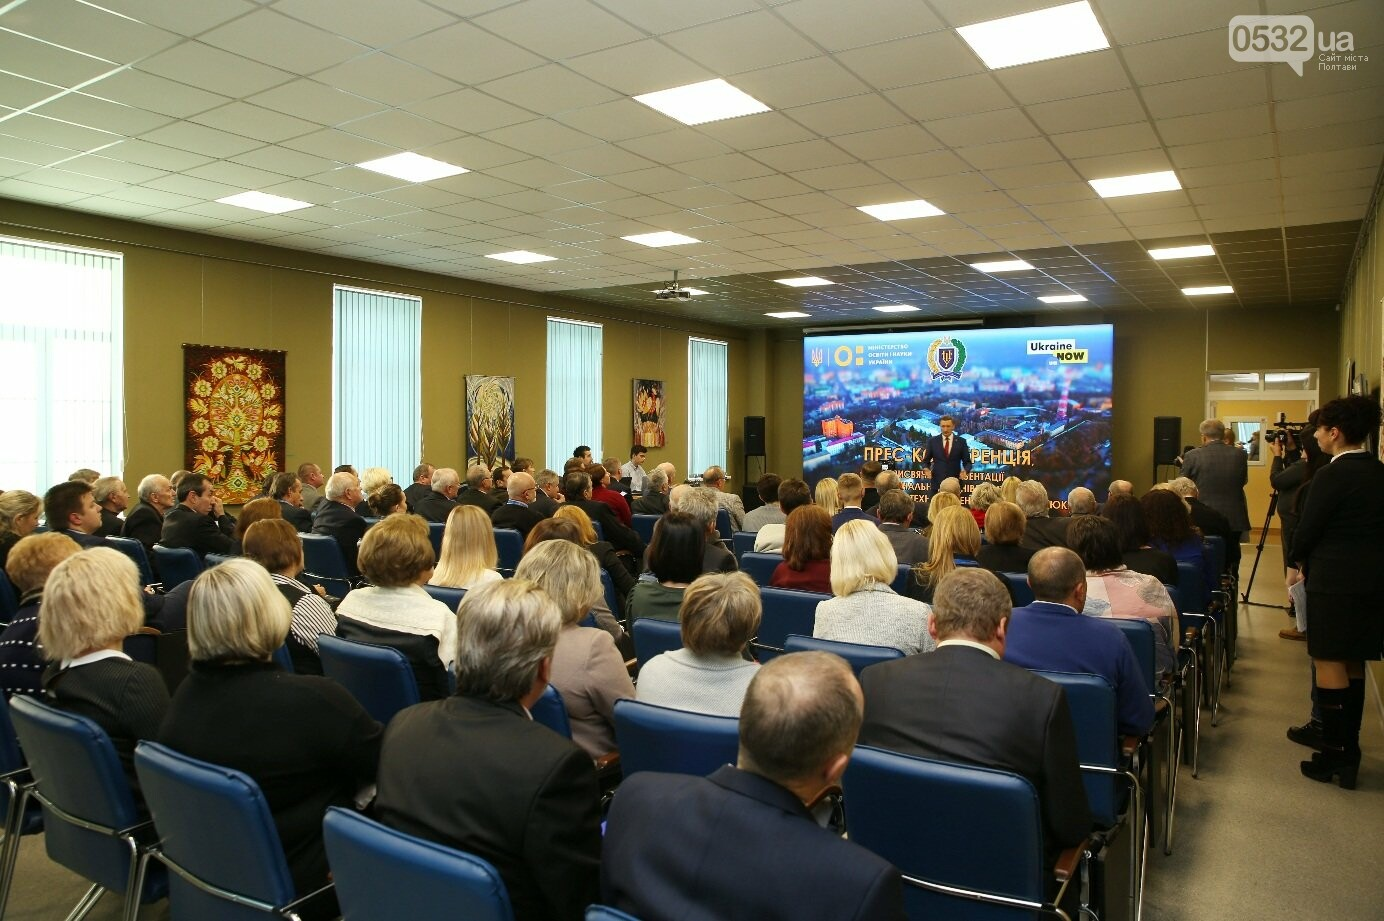 Полтавський національний технічний університет імені Юрія Кондратюка став «Полтавською політехнікою», фото-7